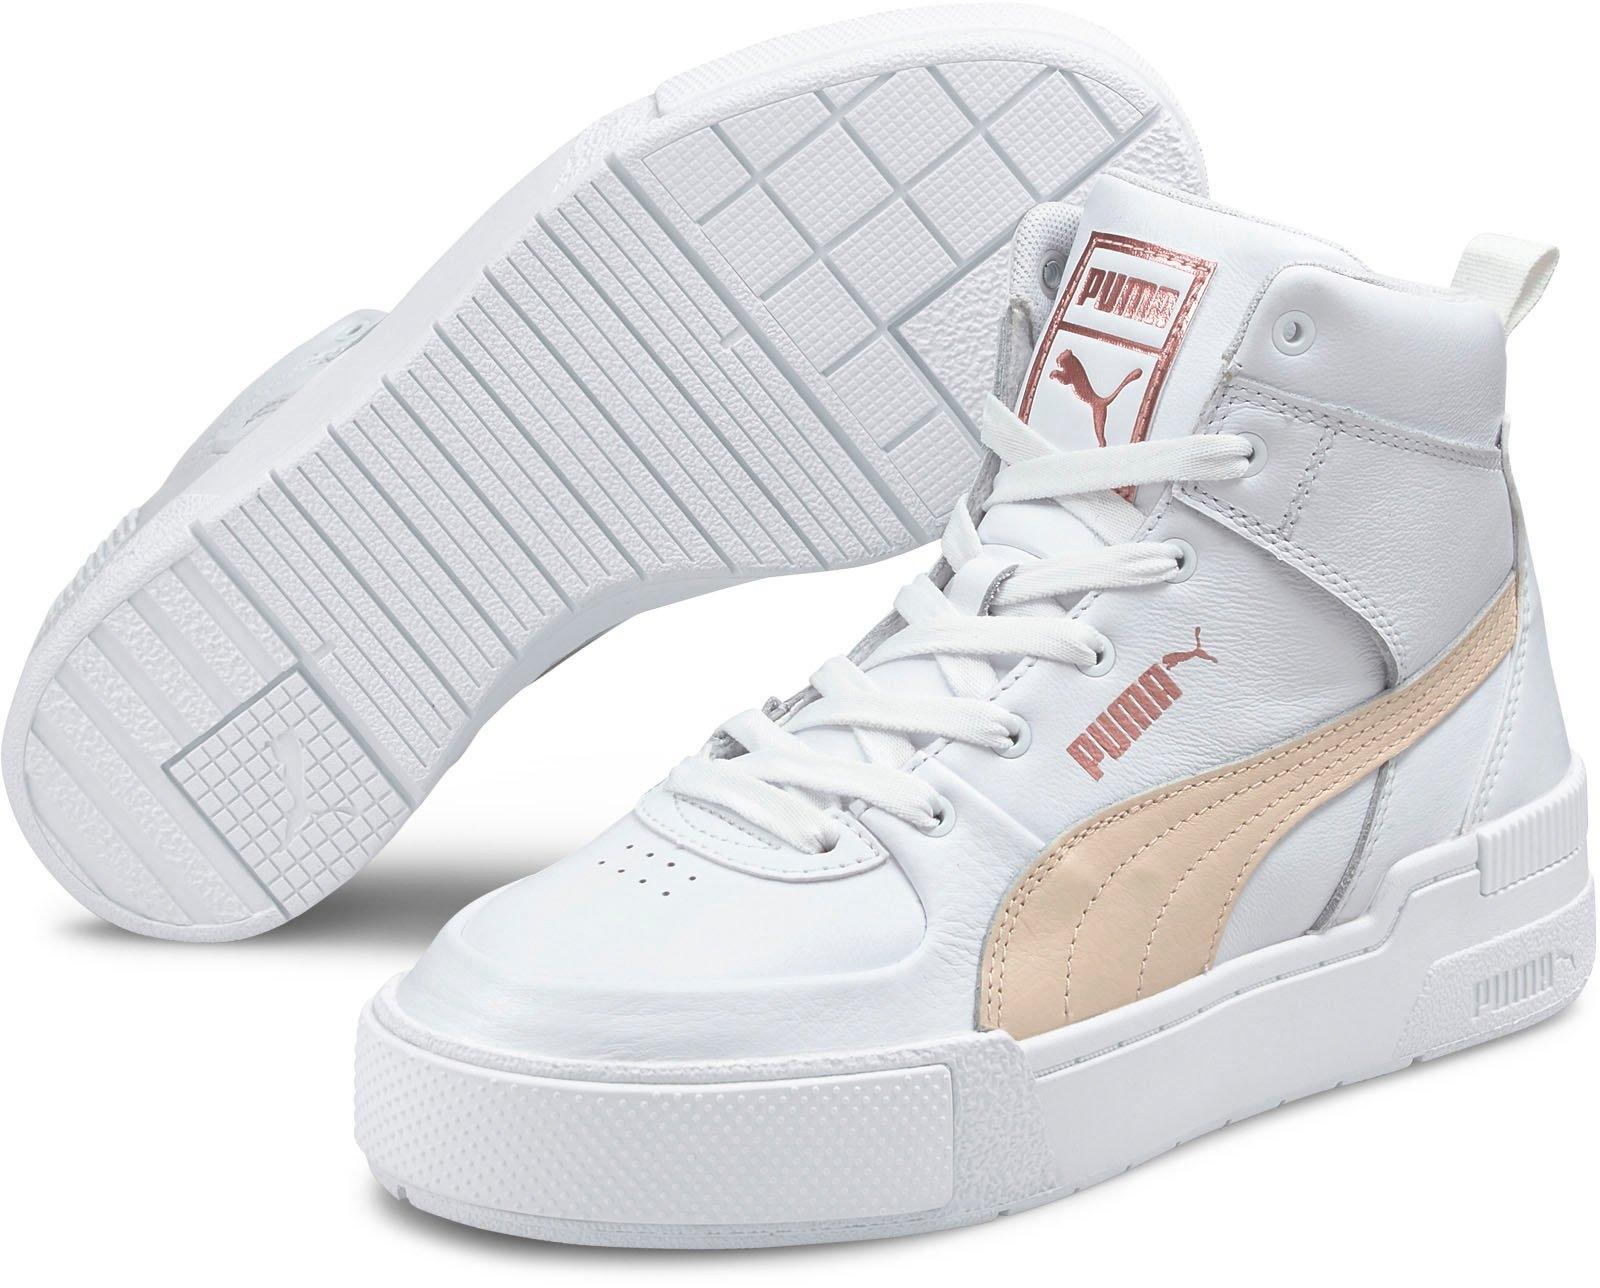 PUMA sneakers Cali Sport Top NS Wn's voordelig en veilig online kopen